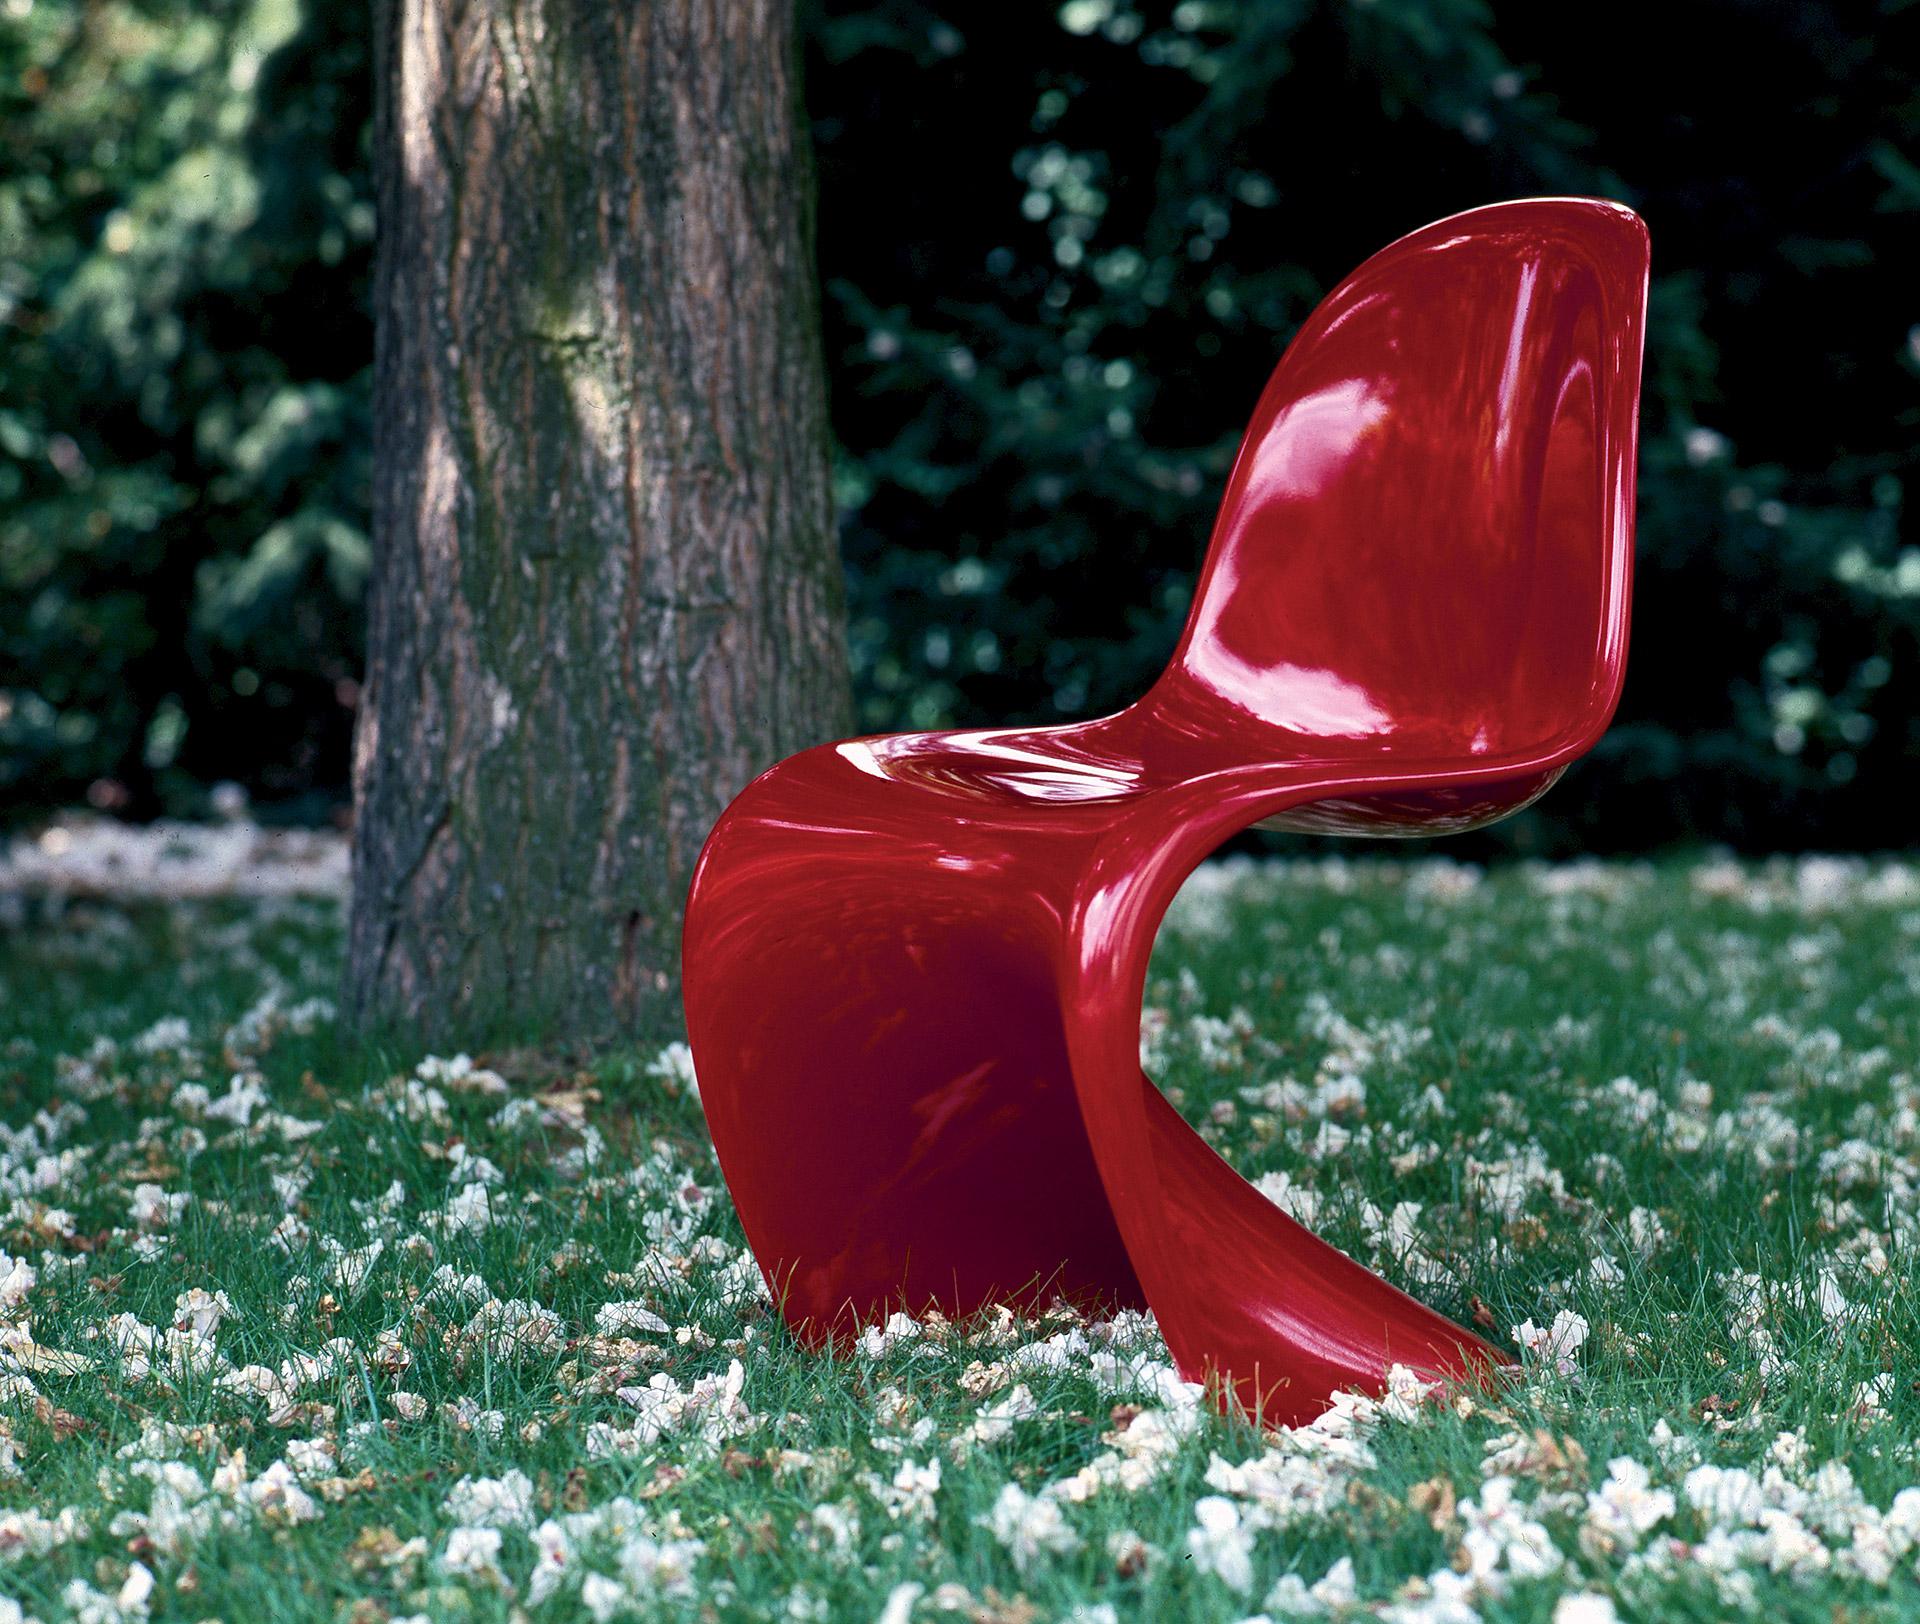 Židle Panton Chair od značky Vitra. © Panton Design